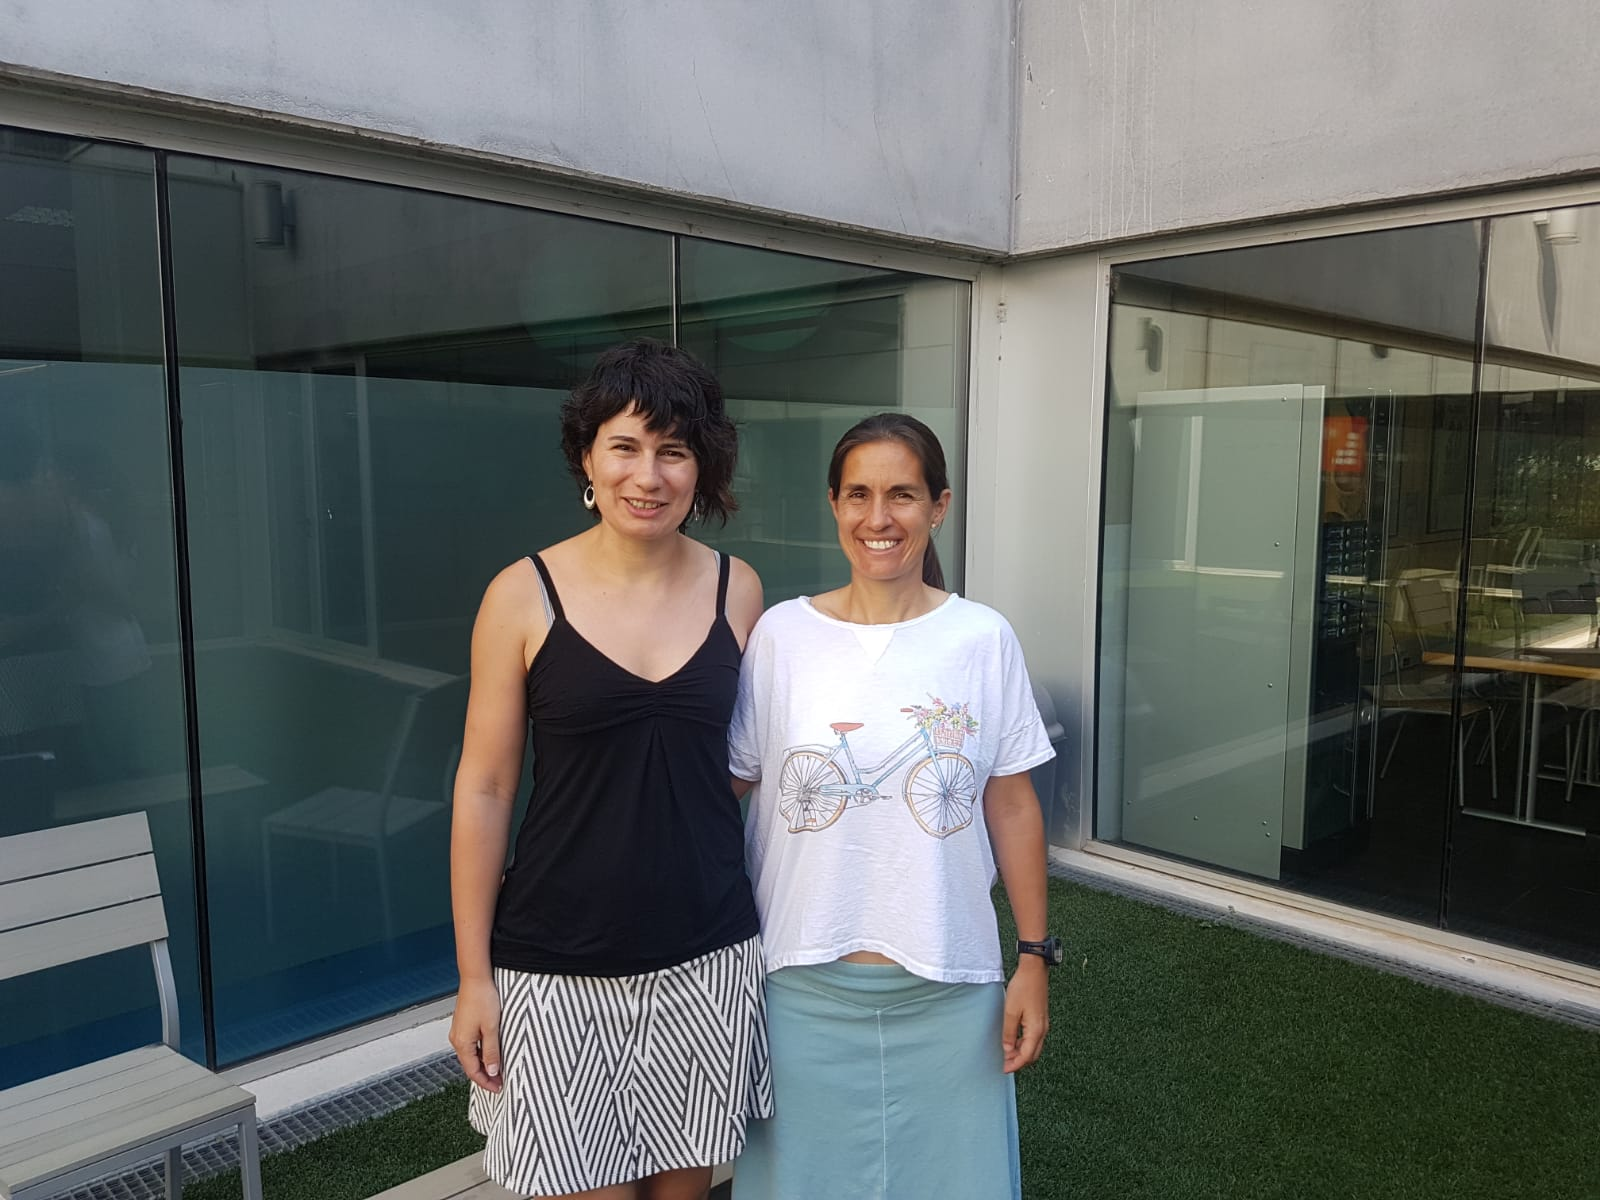 Les professores d'EUSES i investigadores del PEHC Dra. Anna Prats i Dra. Raquel Font, presenten dues ponències al ECSS Congress celebrat a Dublín